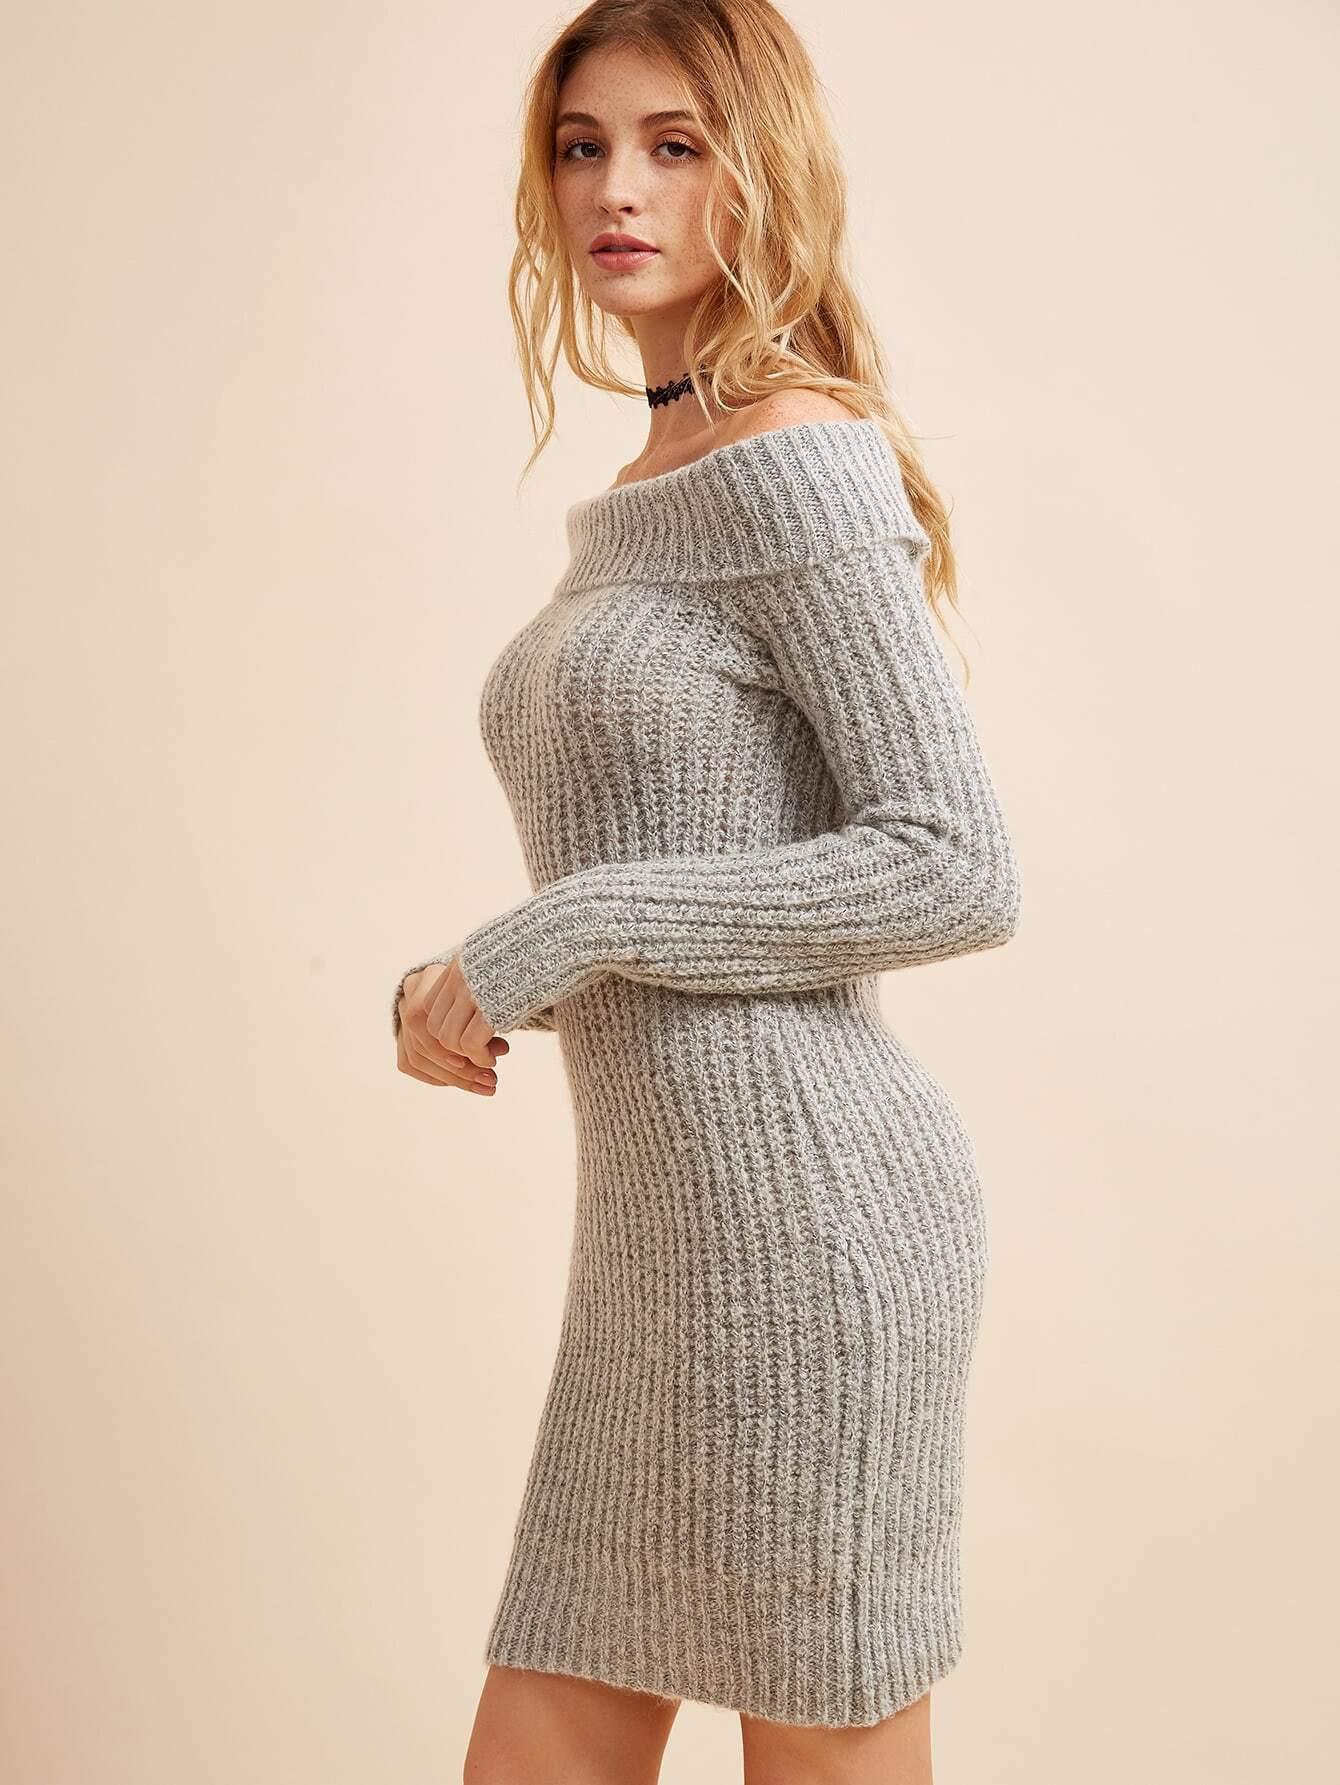 dress160919452_2